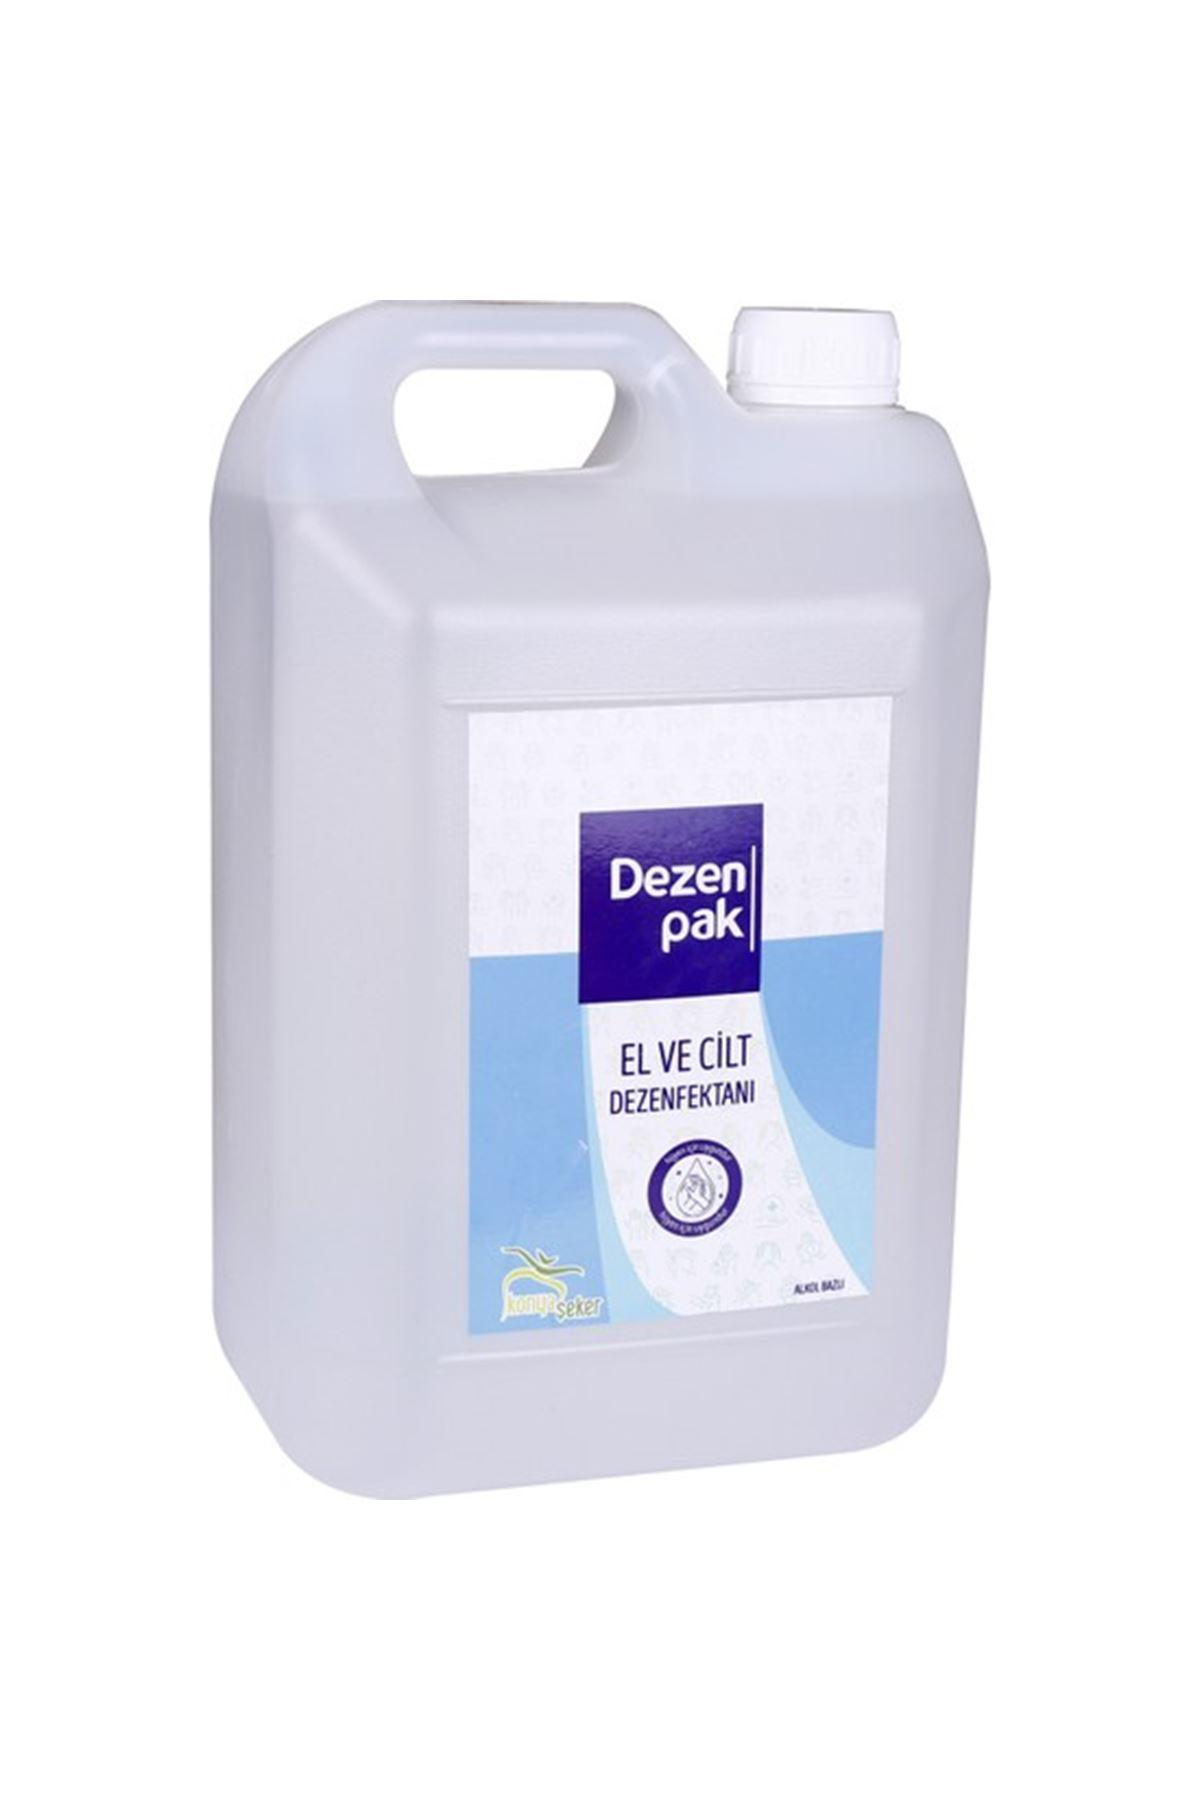 Dezenpak El Ve Cilt Dezenfektanı 5lt